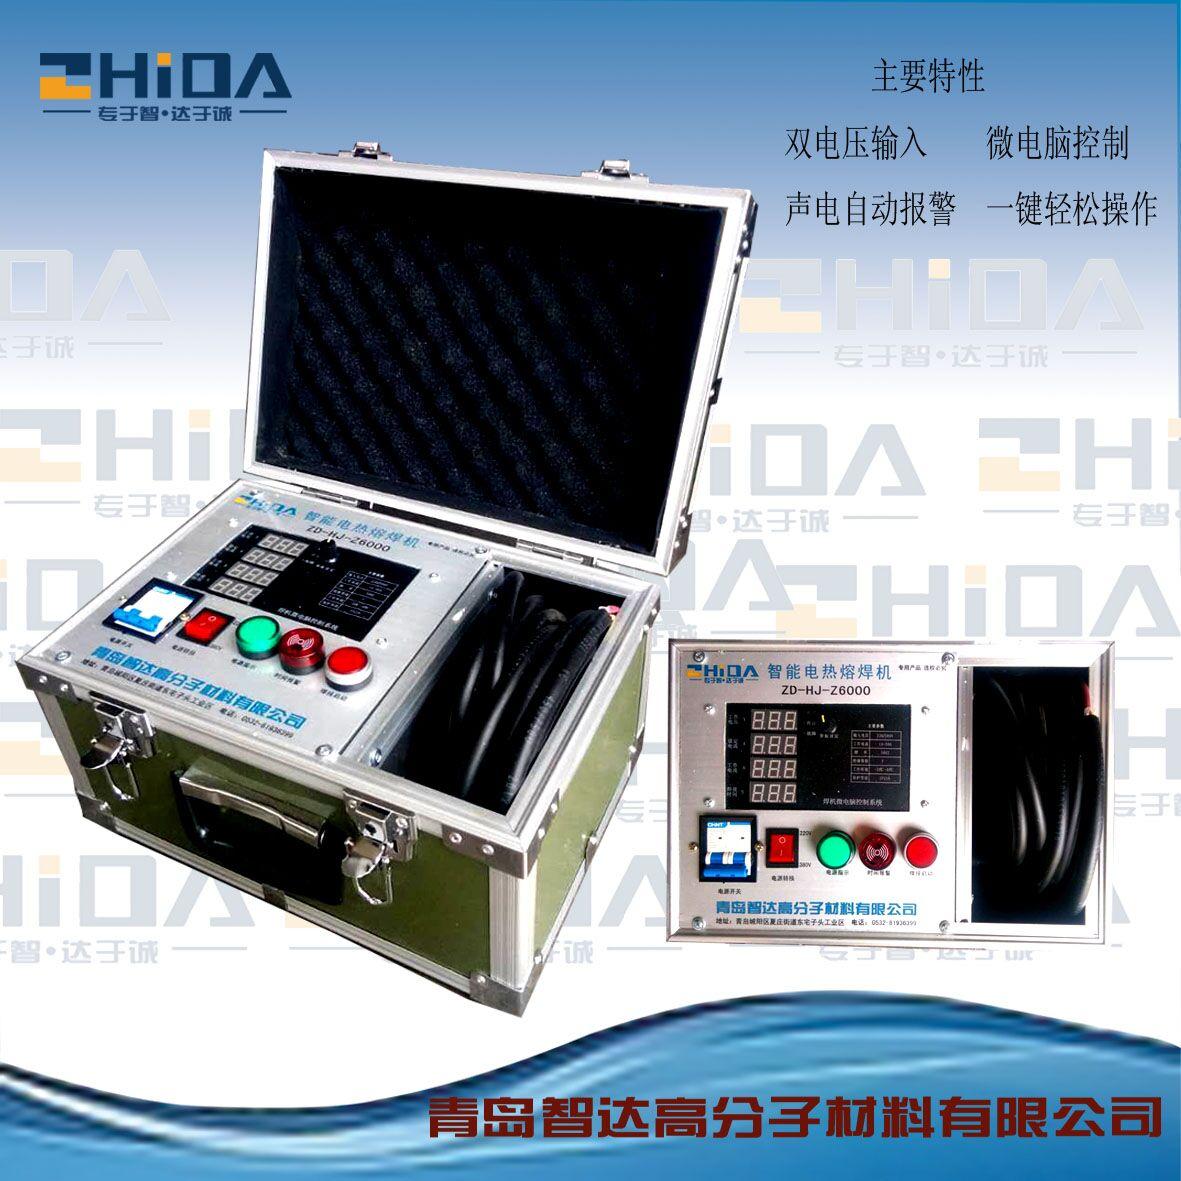 供应天智达电热熔焊机 天智达电热熔焊机Z6000